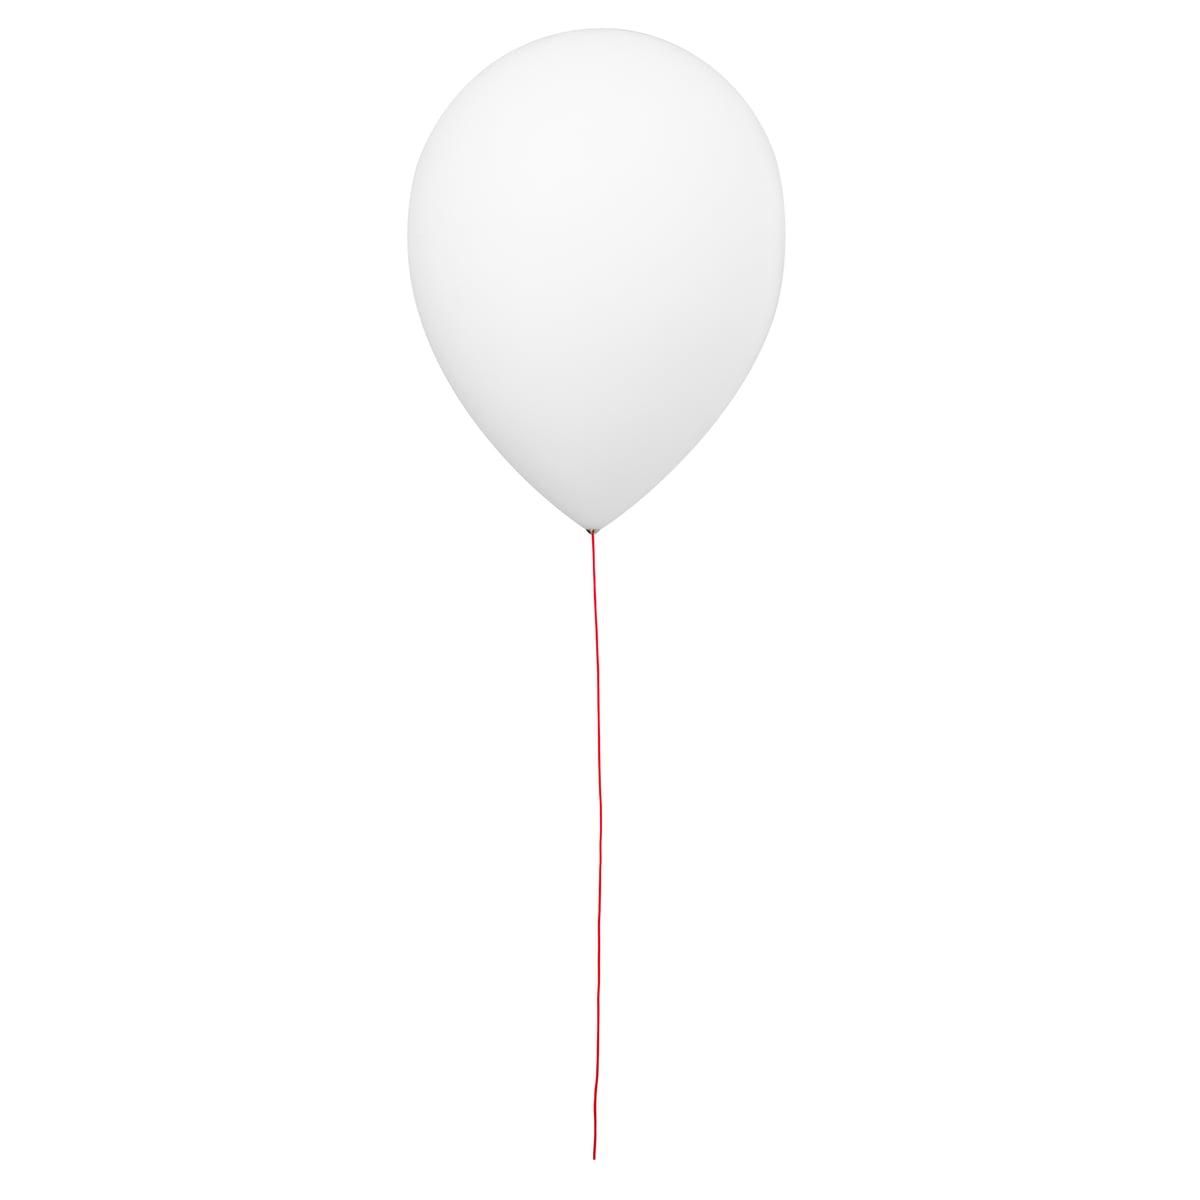 Murale Balloon Estiluz Murale Estiluz Balloon Applique Applique JTuKlF13c